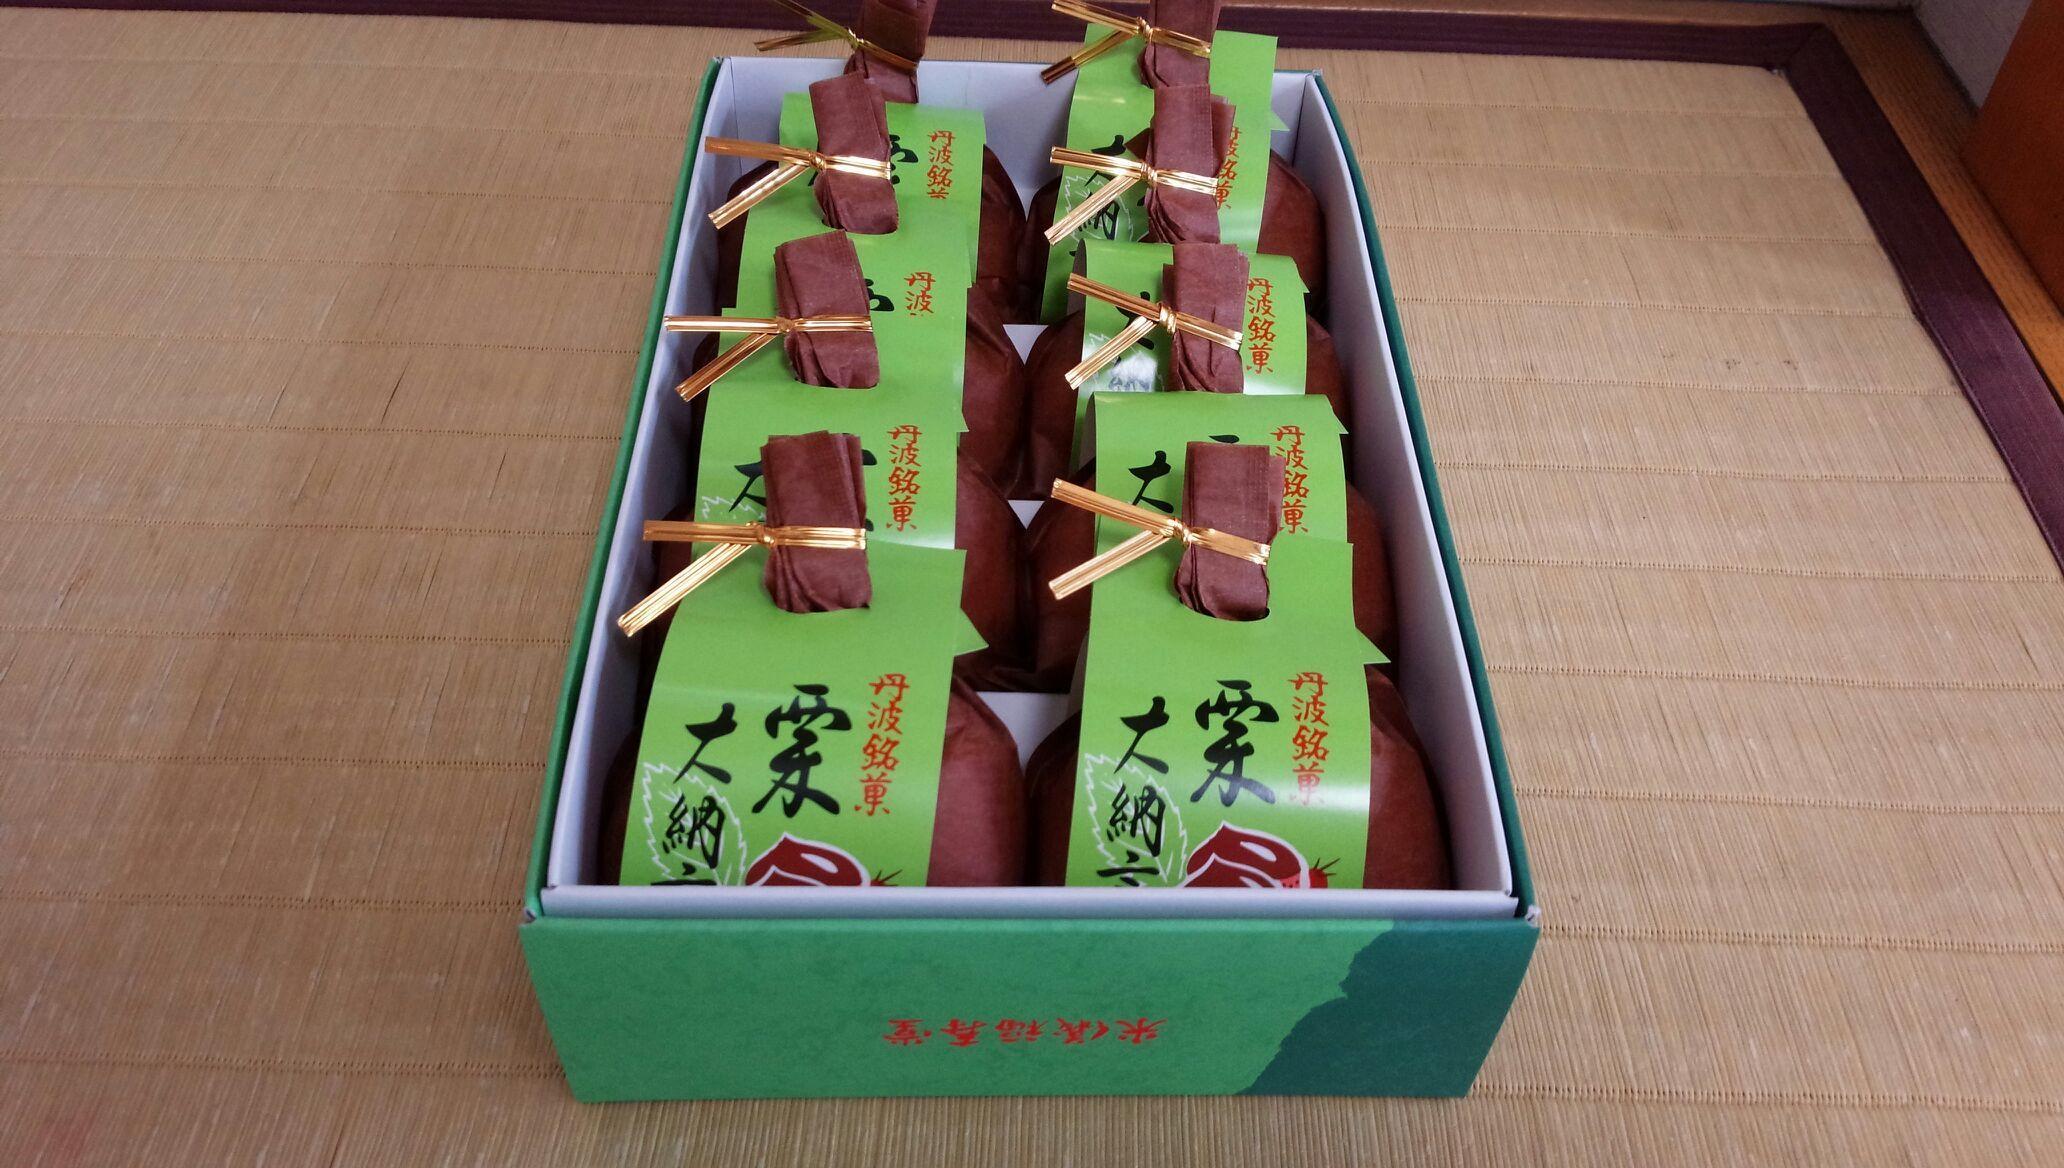 米儀福寿堂